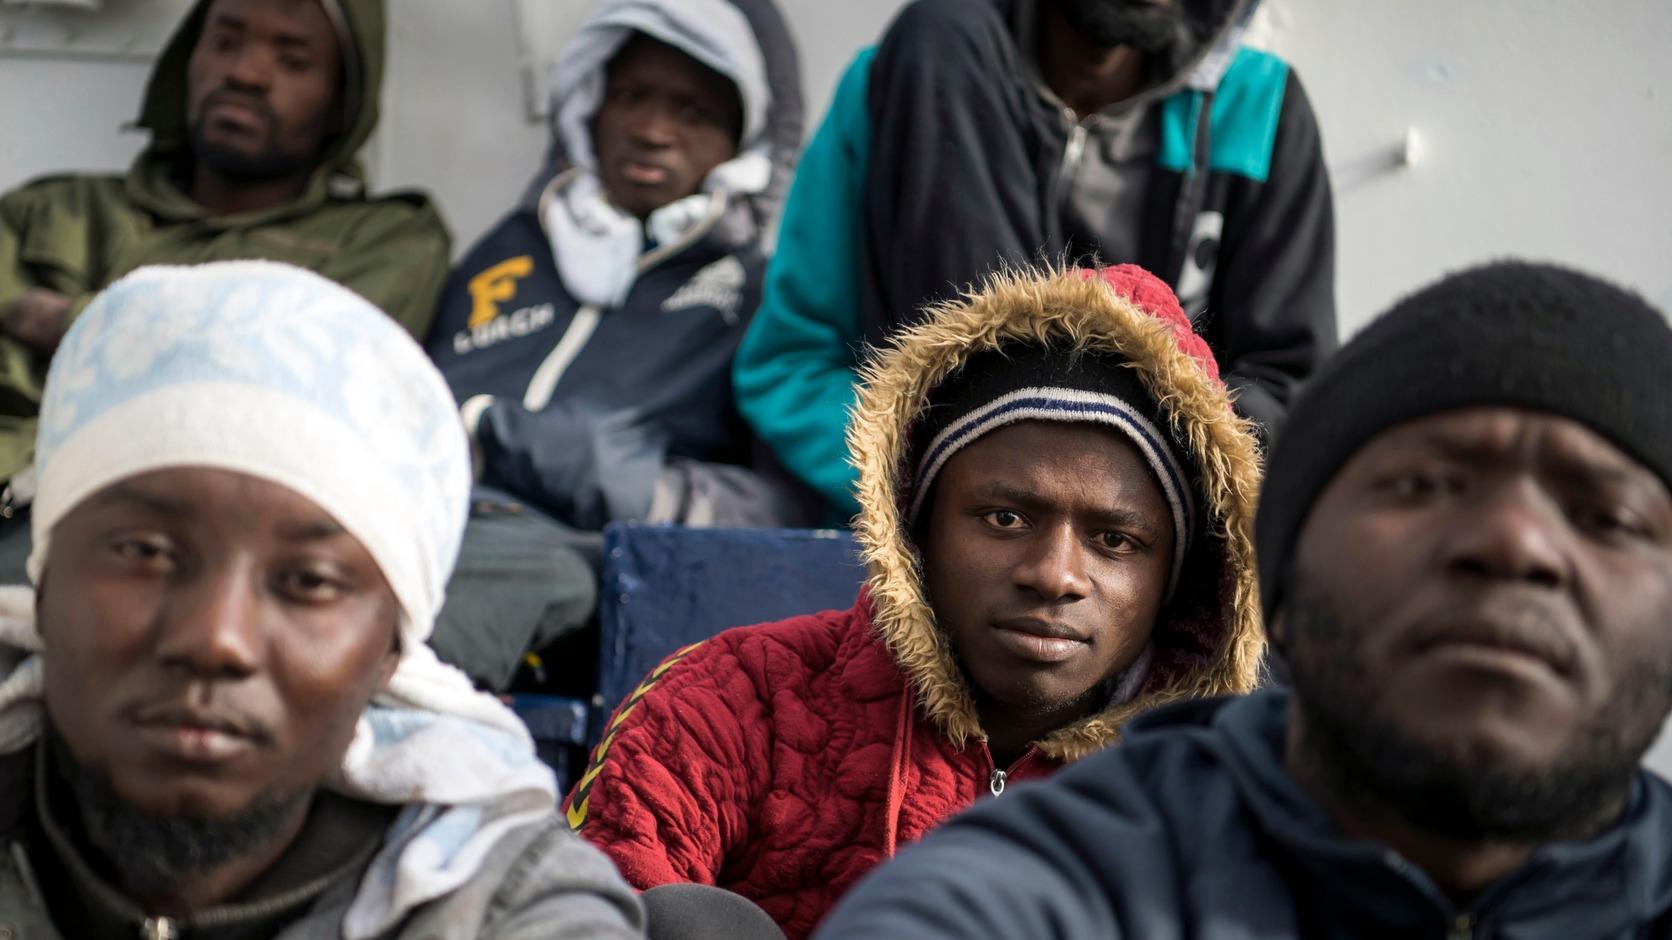 -, 2019. január 8. Illegális bevándorlók a Sea-Eye német szervezet Professor Albrecht Penck hajójának fedélzetén, amely Málta partjai előtt várakozik 2018. január 8-án. Német nem kormányzati szervezetek két, Európába igyekvő, összesen 49 migránst szállító hajóját sem a máltai, sem az olasz hatóságok nem engedik kikötni, így azok a Földközi-tengeren vesztegelnek. MTI/AP/Rene Rossignaud